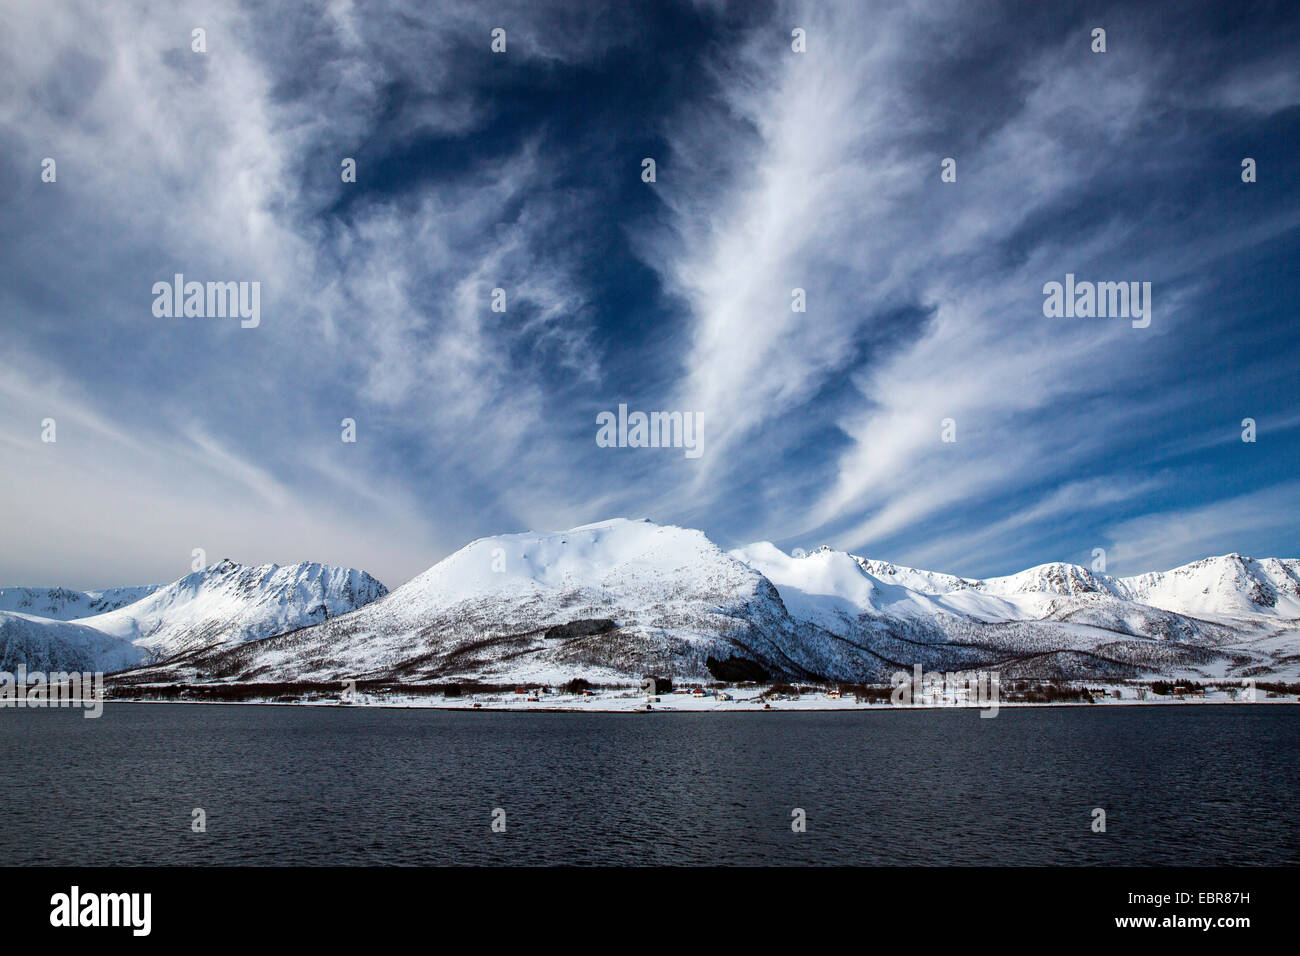 cloudy sky over the coast of Risoysundet, Norway, Nordland, Risoysundet - Stock Image